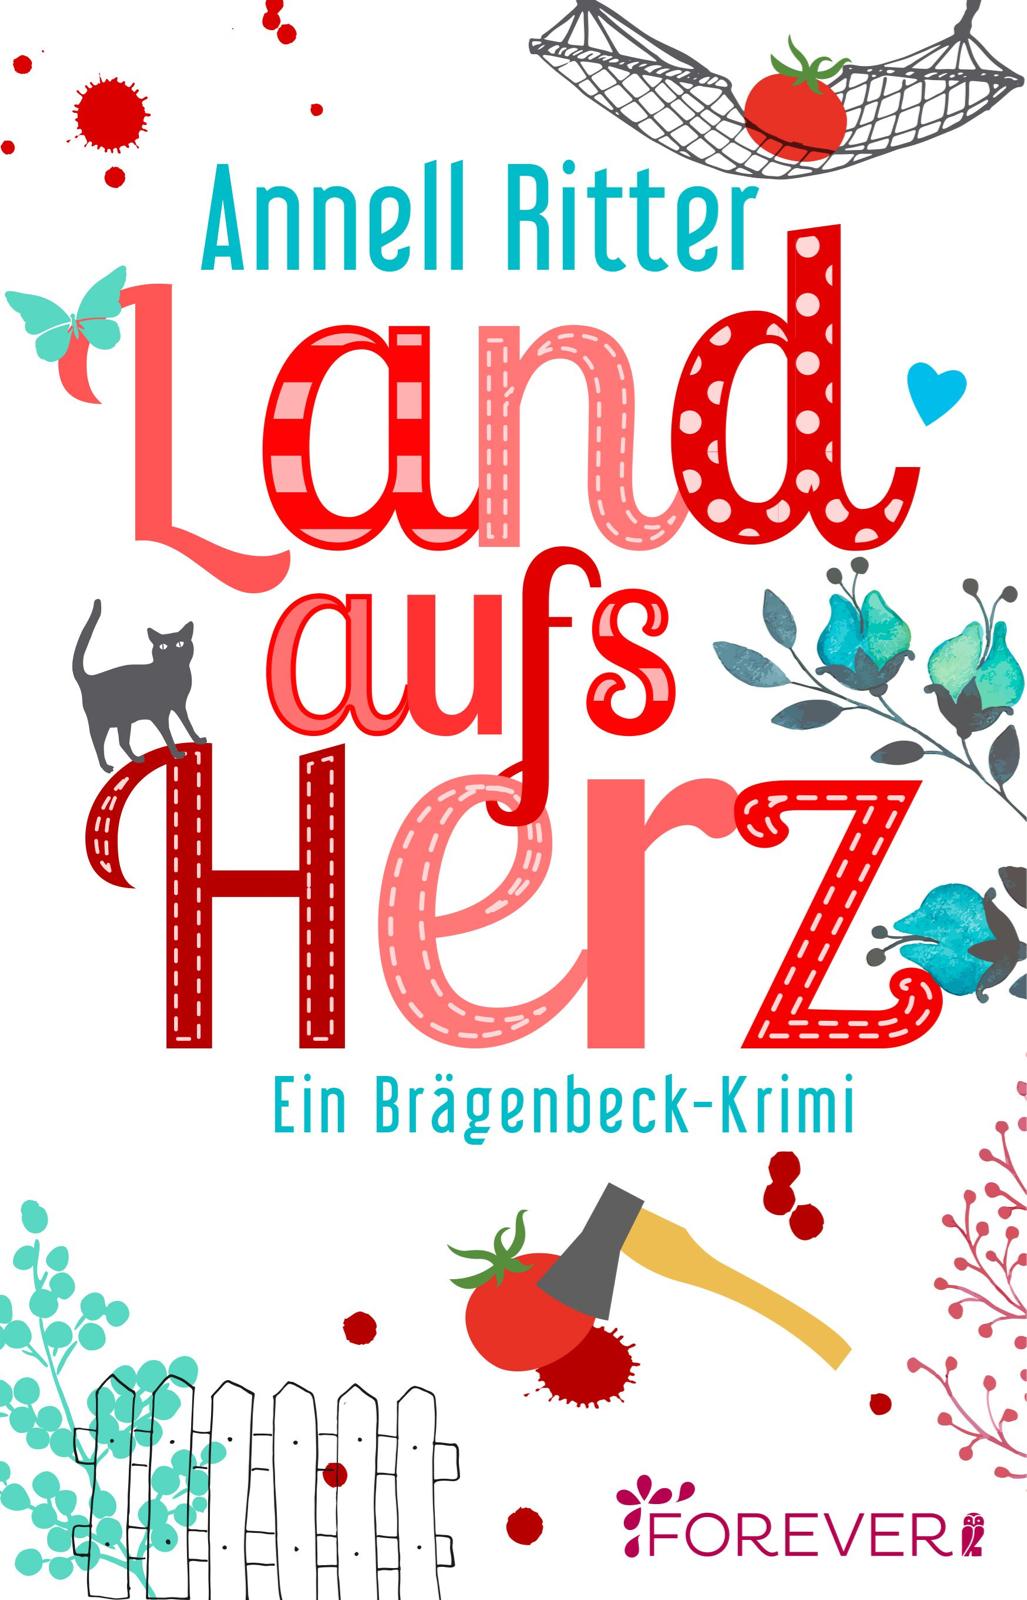 Land aufs Herz (Annell Ritter)*